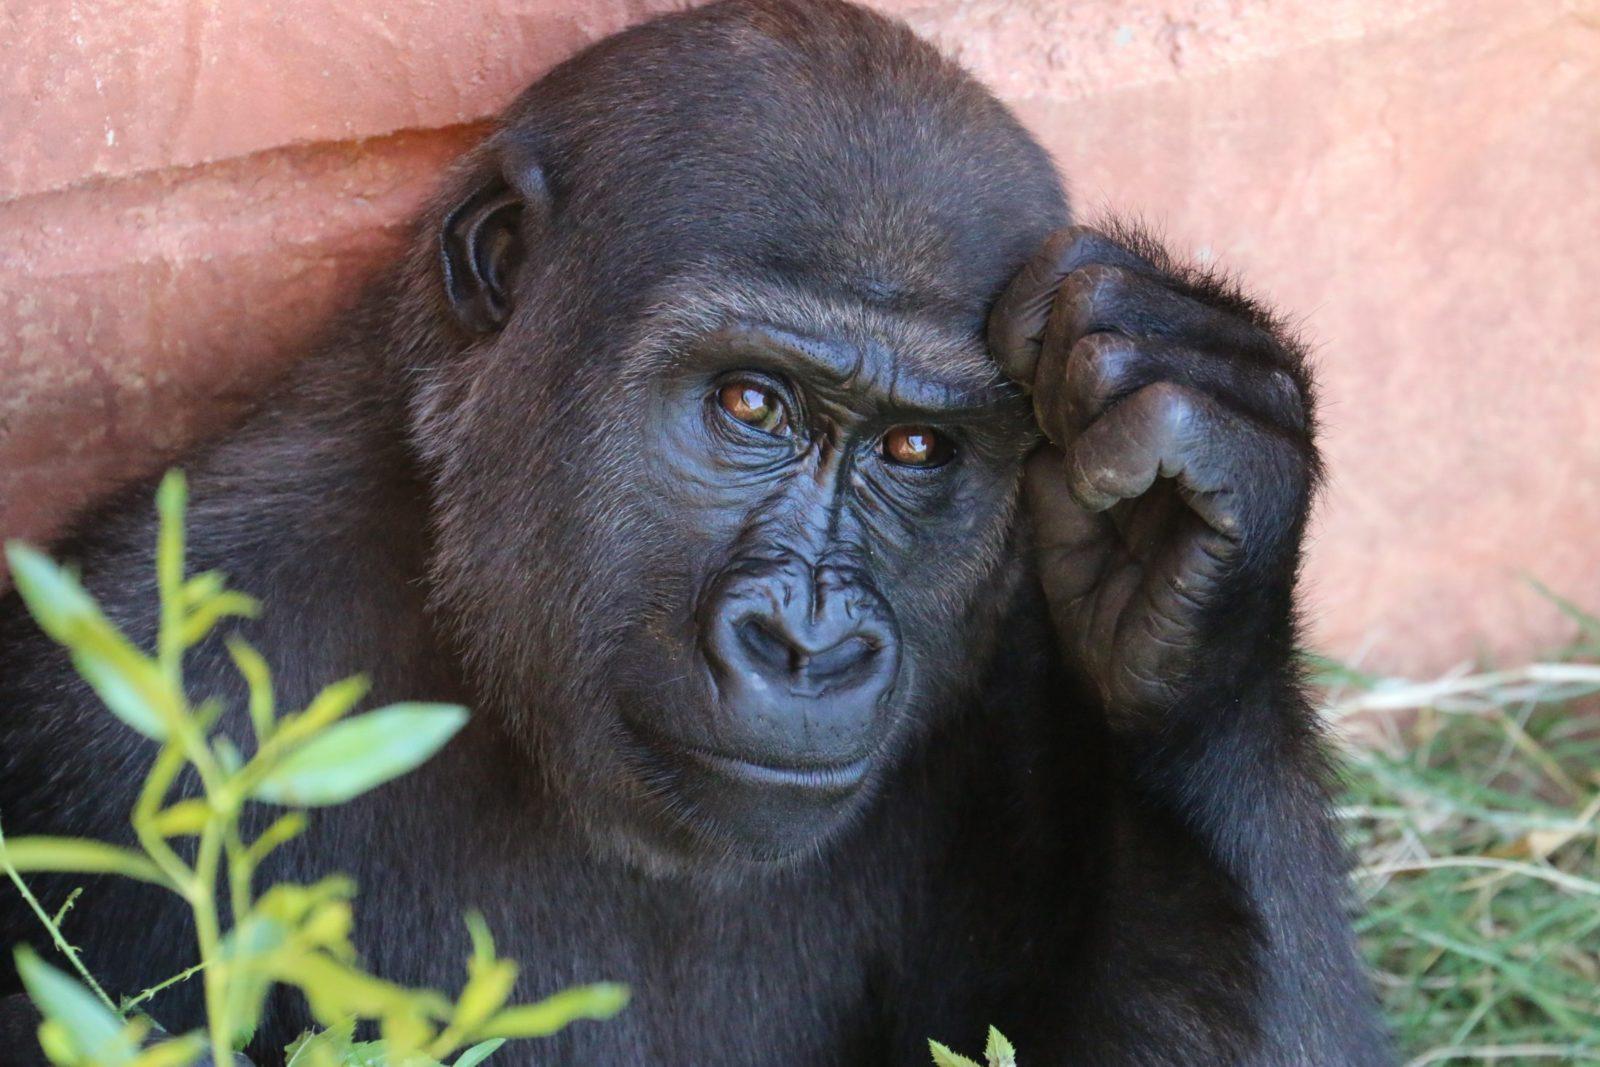 sonhar com gorila é imaturidade